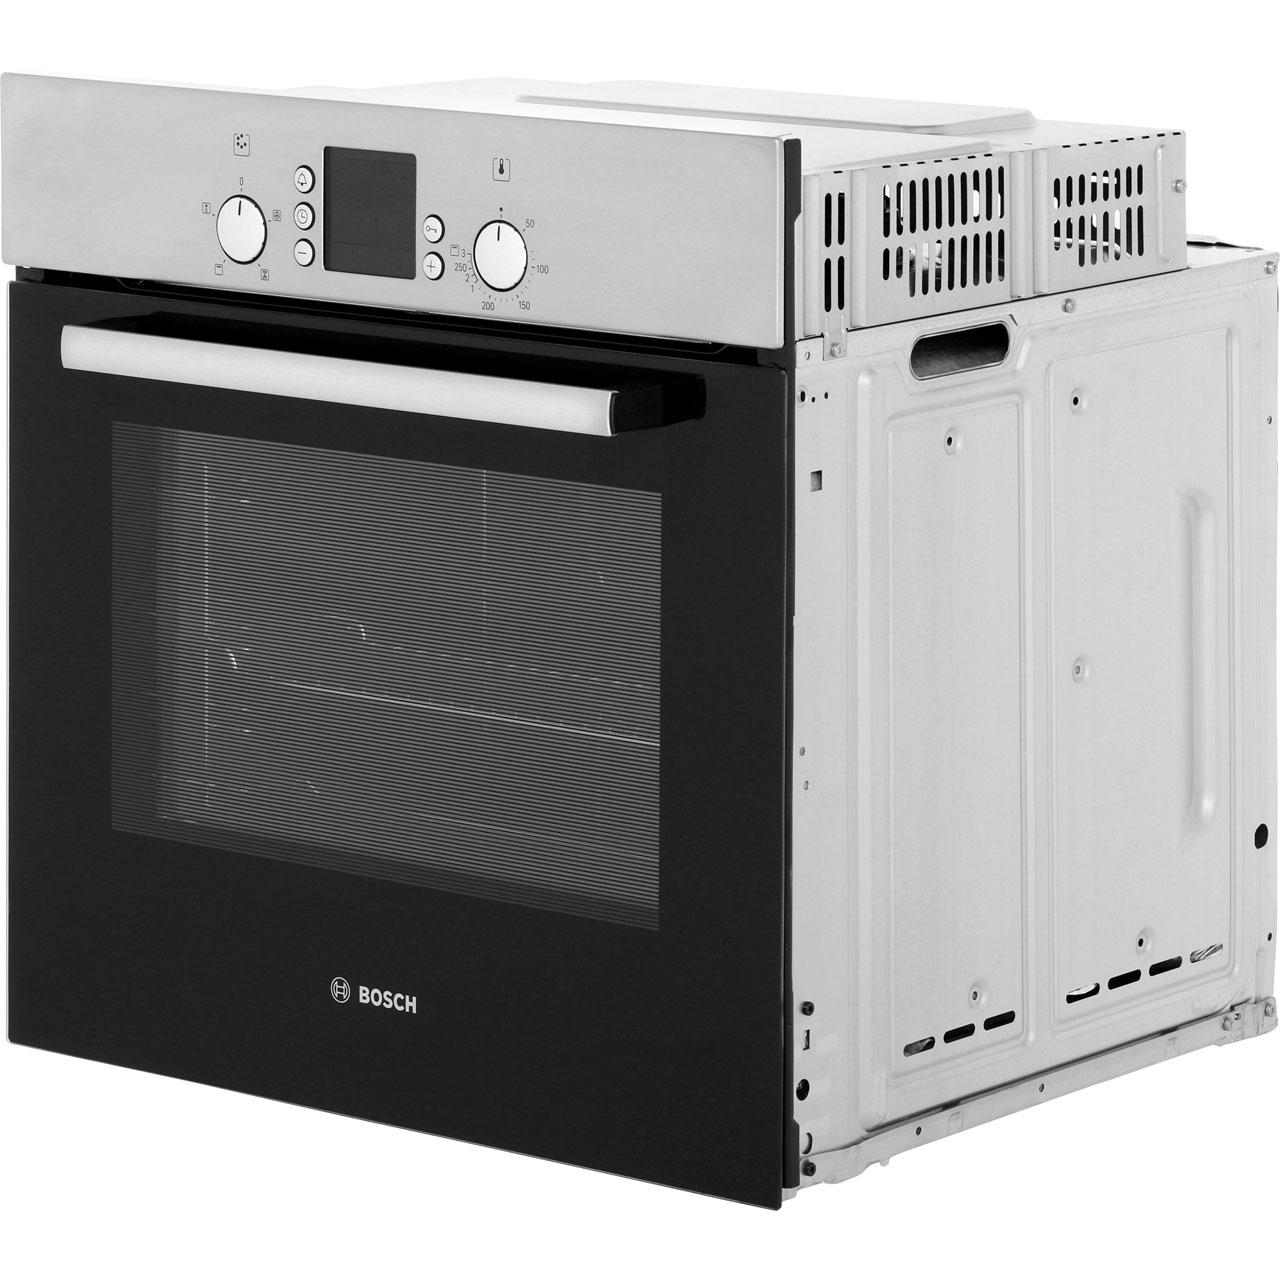 Boots Kitchen Appliances